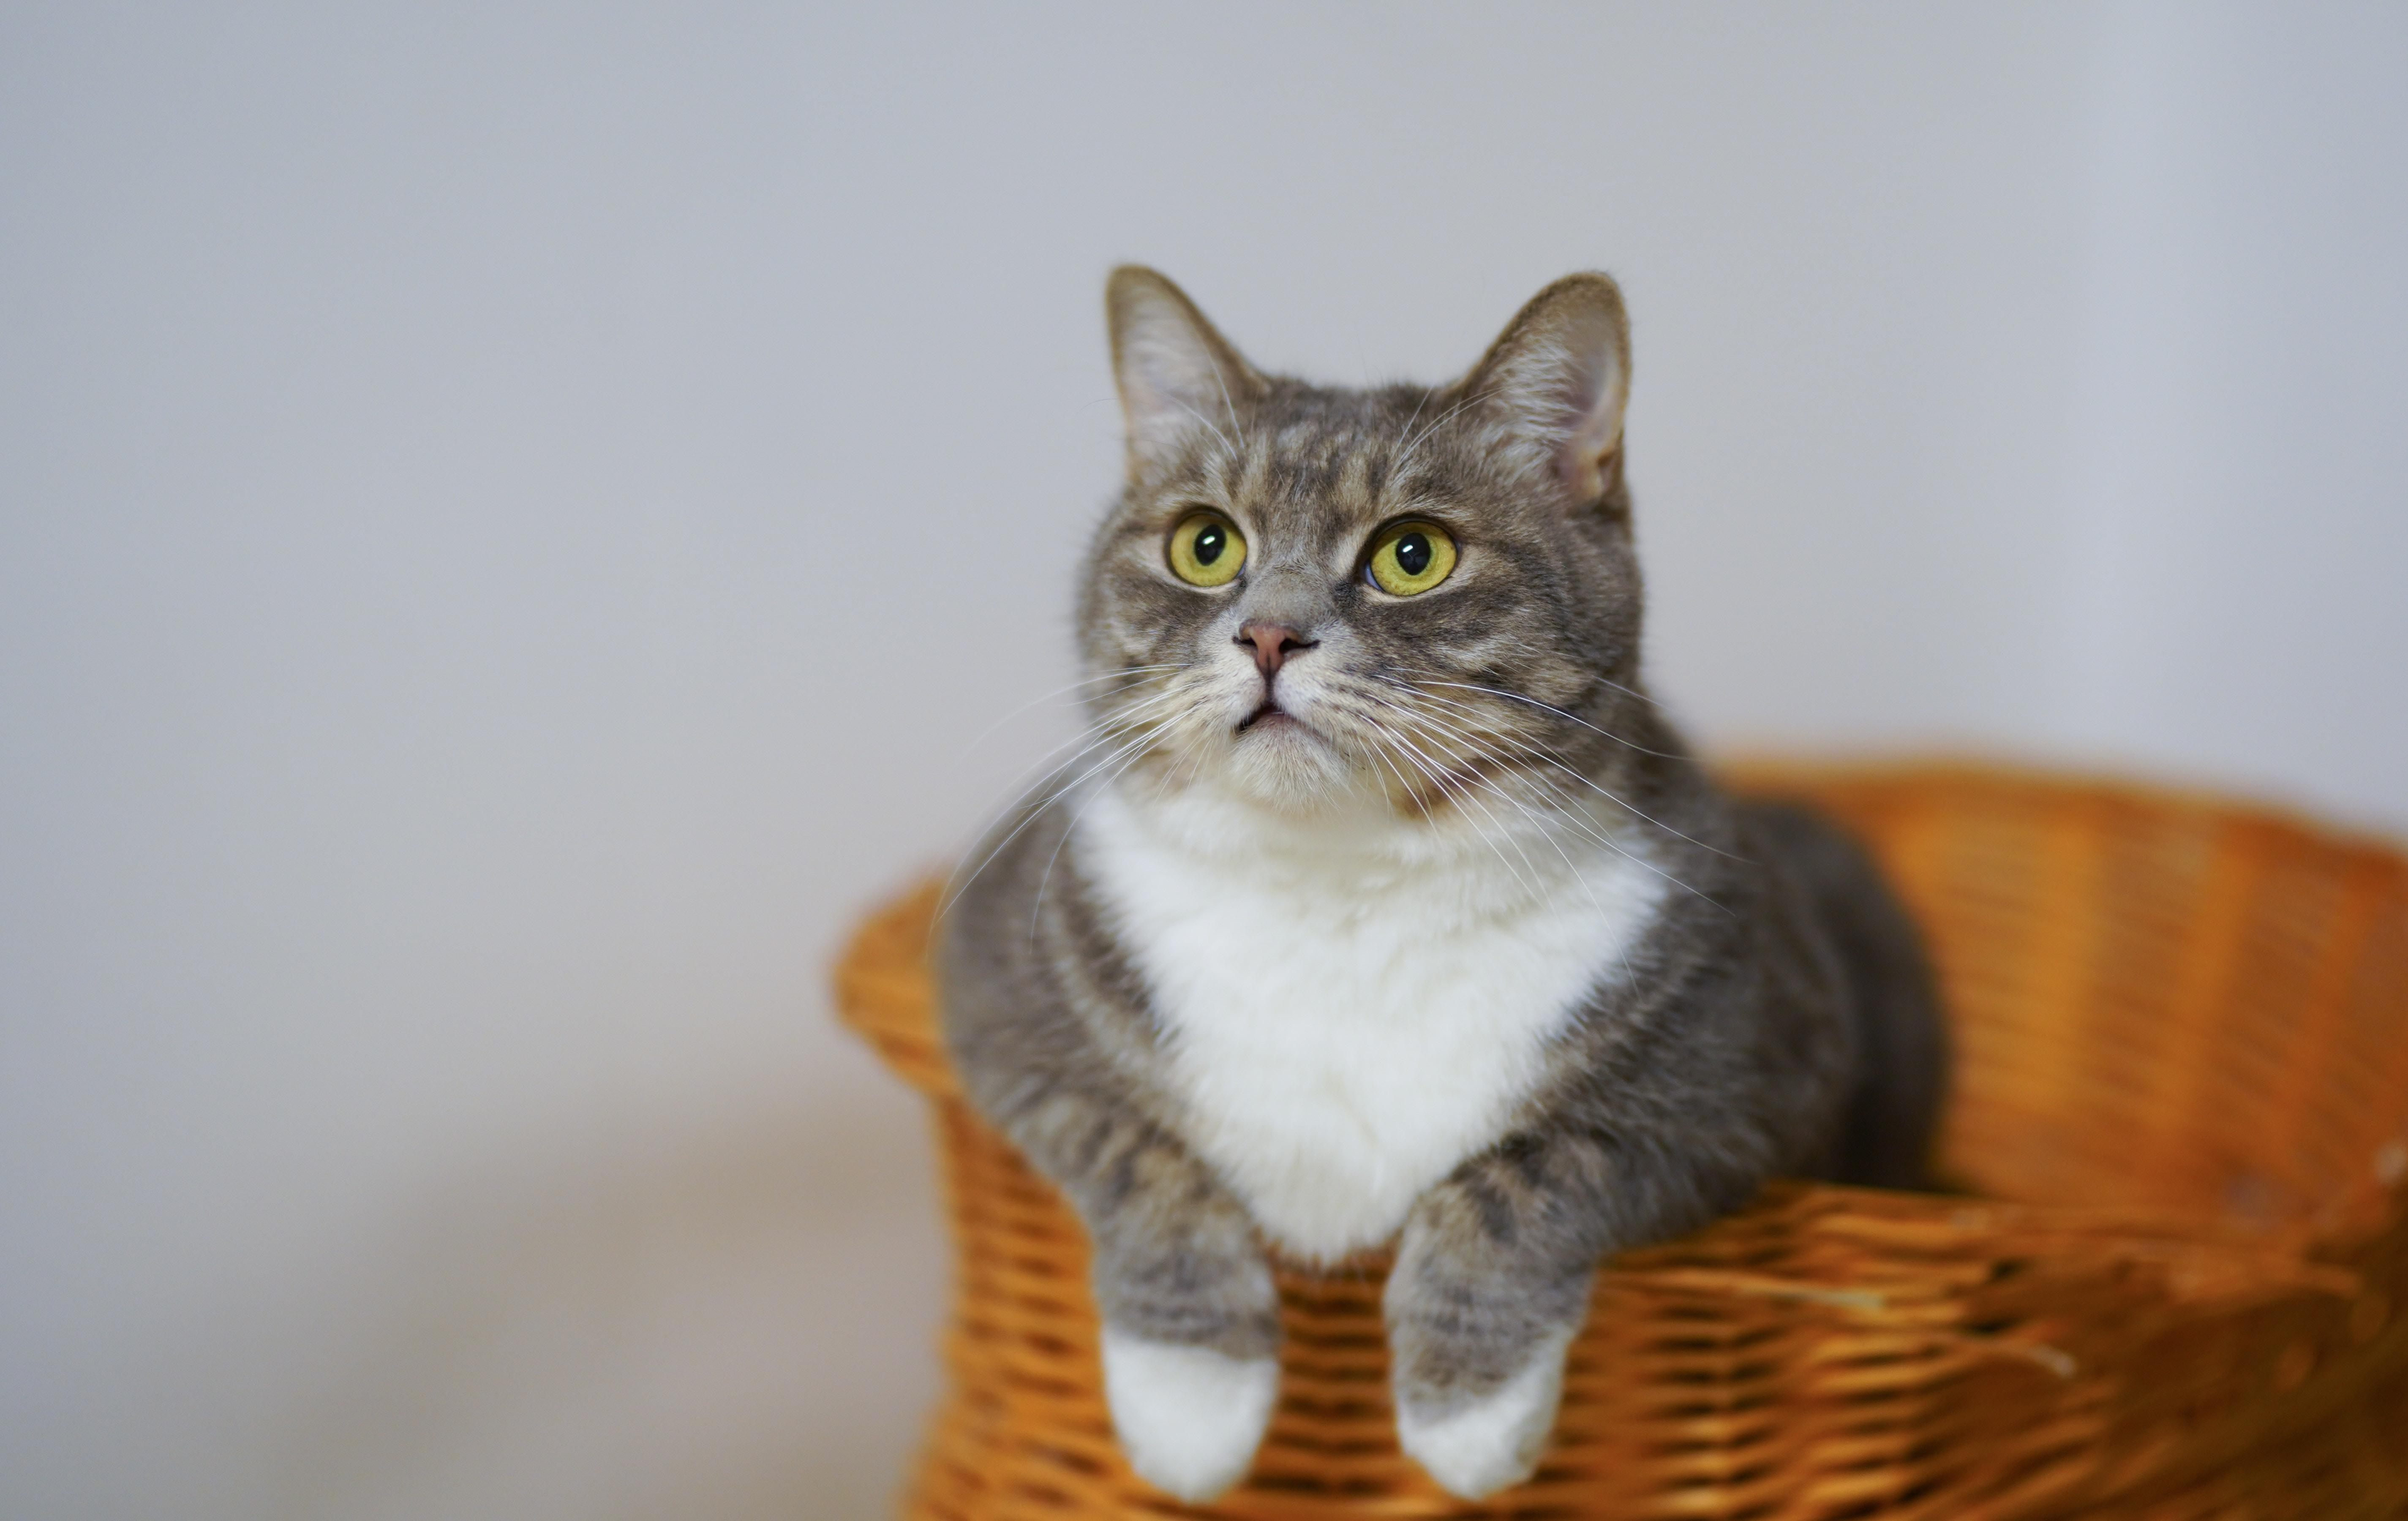 Jak żywić kota, aby go nie przekarmić? - Zdjęcie główne